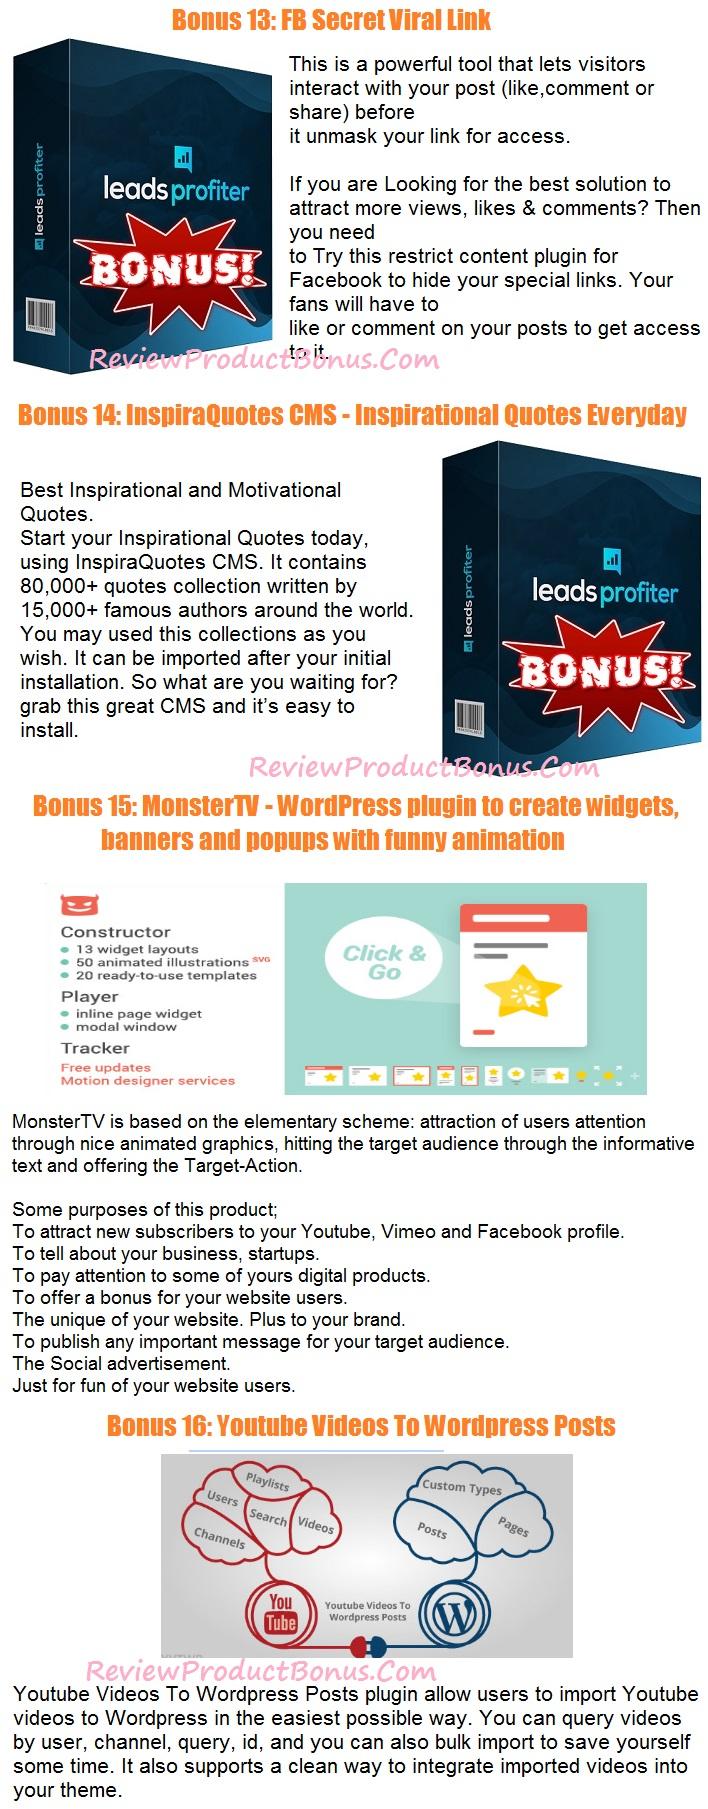 Leads Profiter Bonus 3